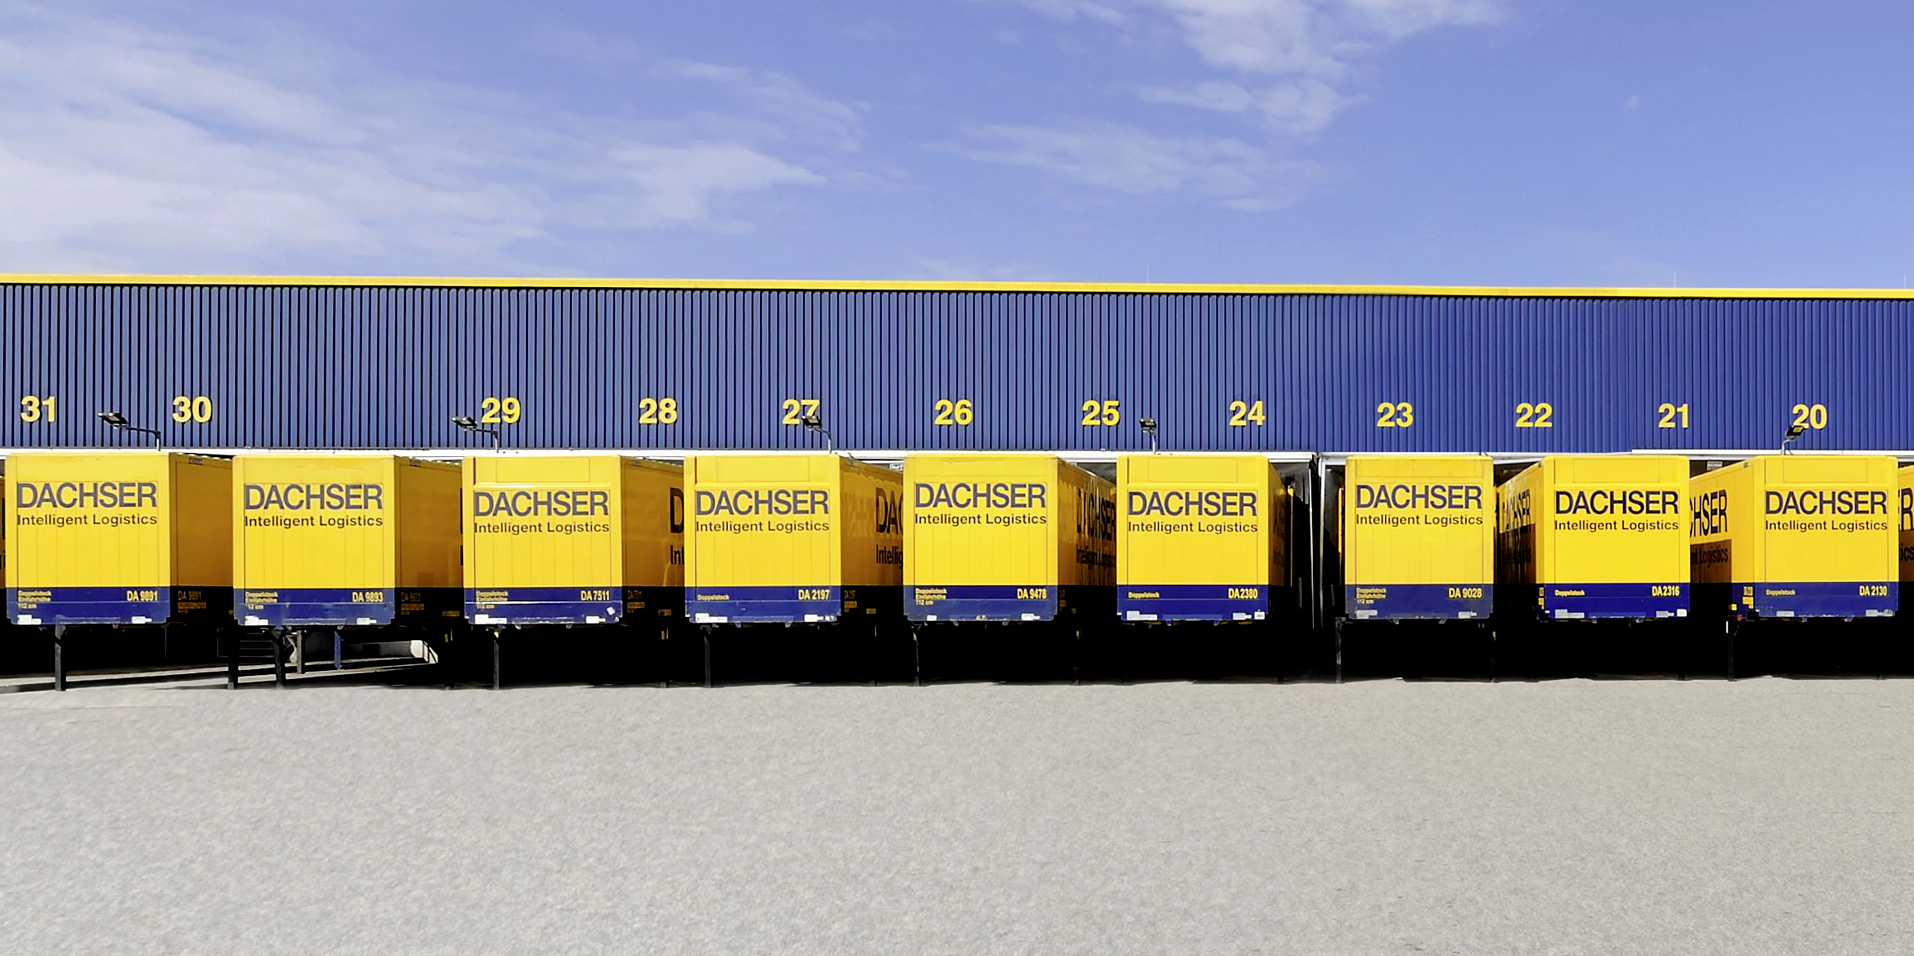 Zmiana zarządu w jednej z największych firm logistycznych w Niemczech